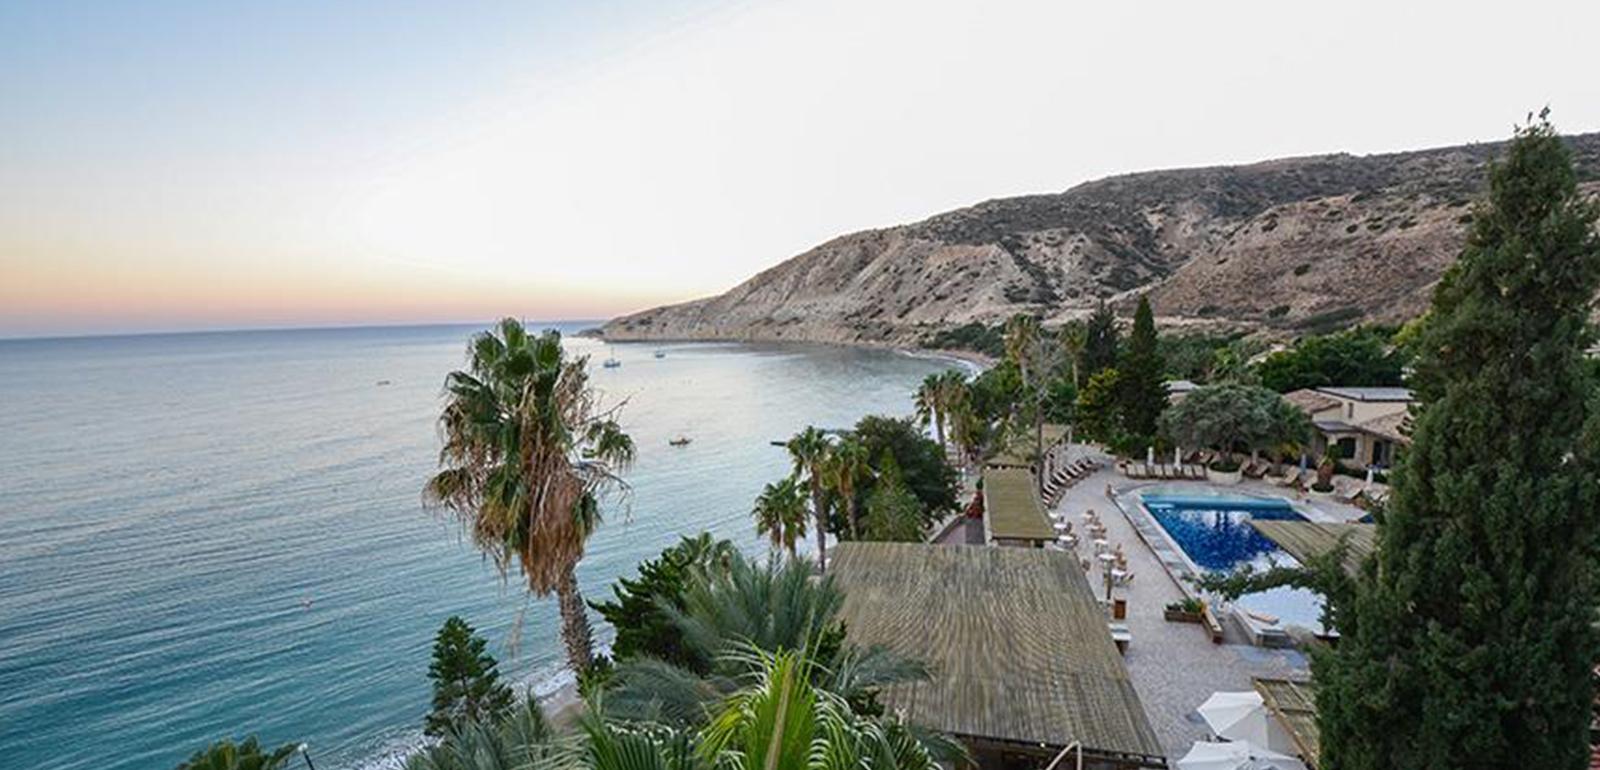 Cyprus Honeymoons - Columbia Beach Hotel Pissouri - Header